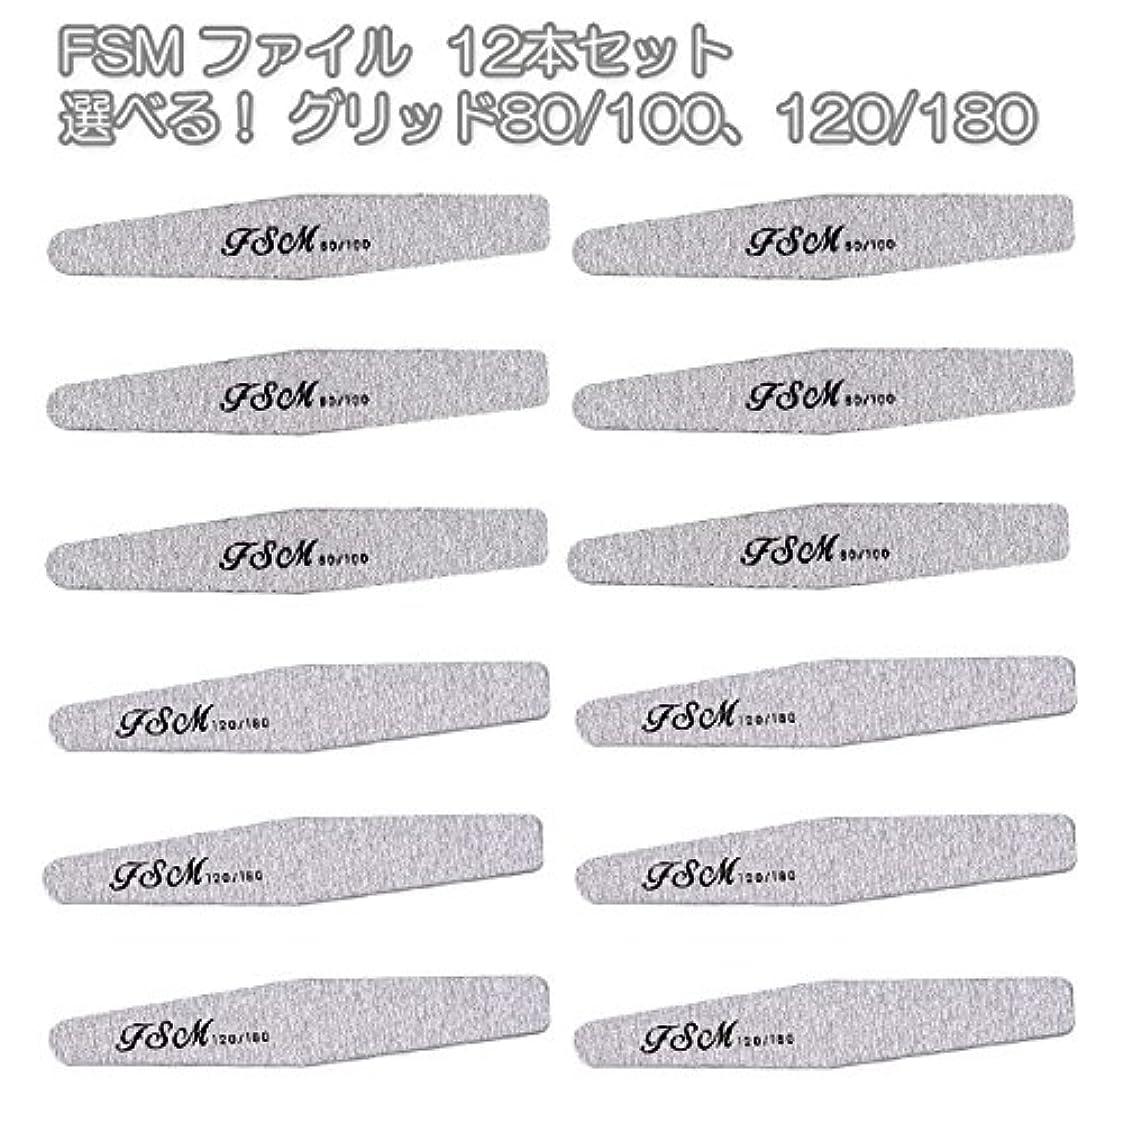 通行人ピンクゴシップFSM ネイルファイル/バッファー12本セット(選べる!グリッド80/100、120/180) (G120/180の12本)